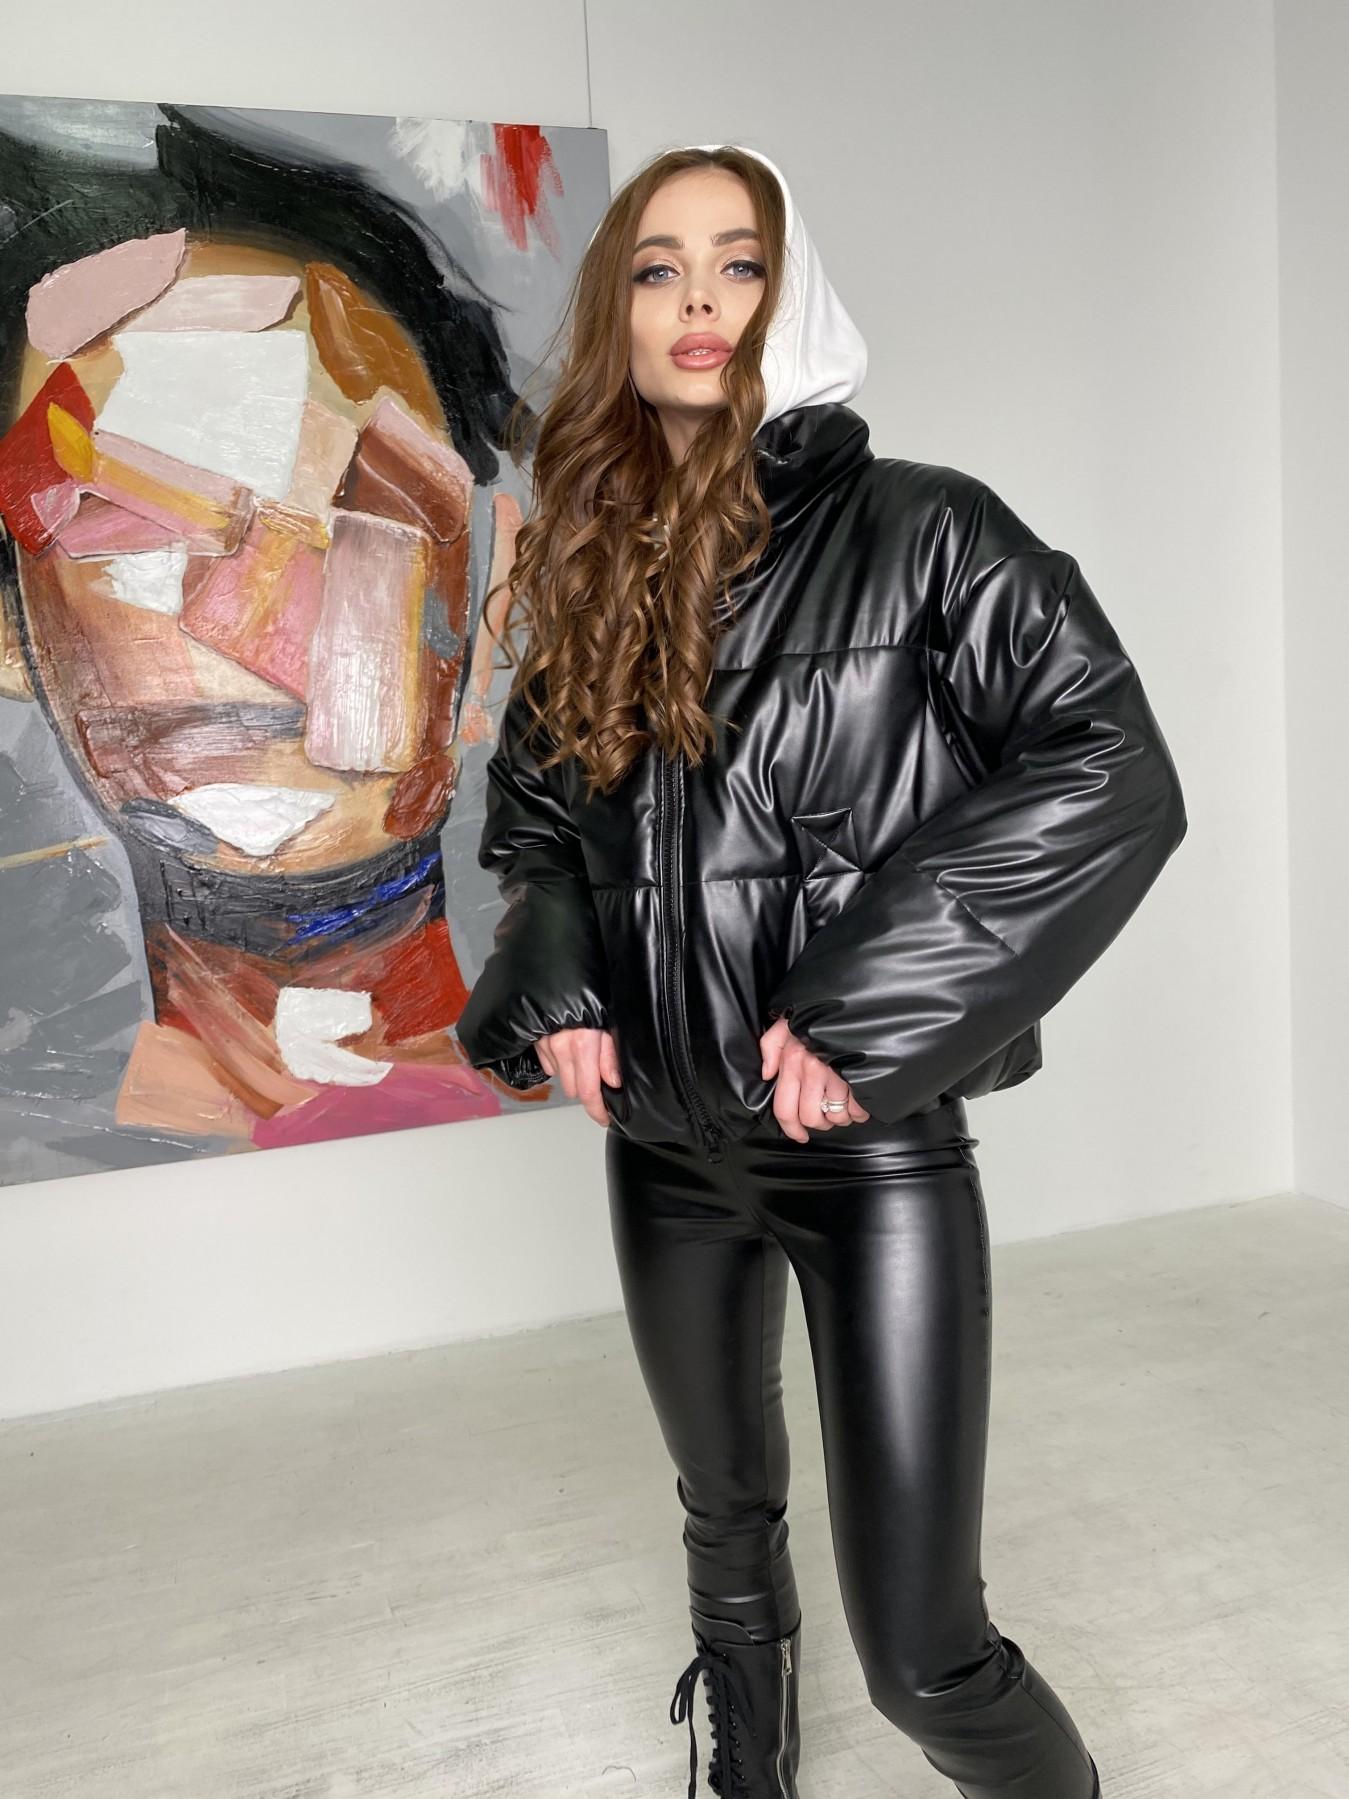 Драйв куртка из  экокожи  10499 АРТ. 46845 Цвет: Черный - фото 6, интернет магазин tm-modus.ru